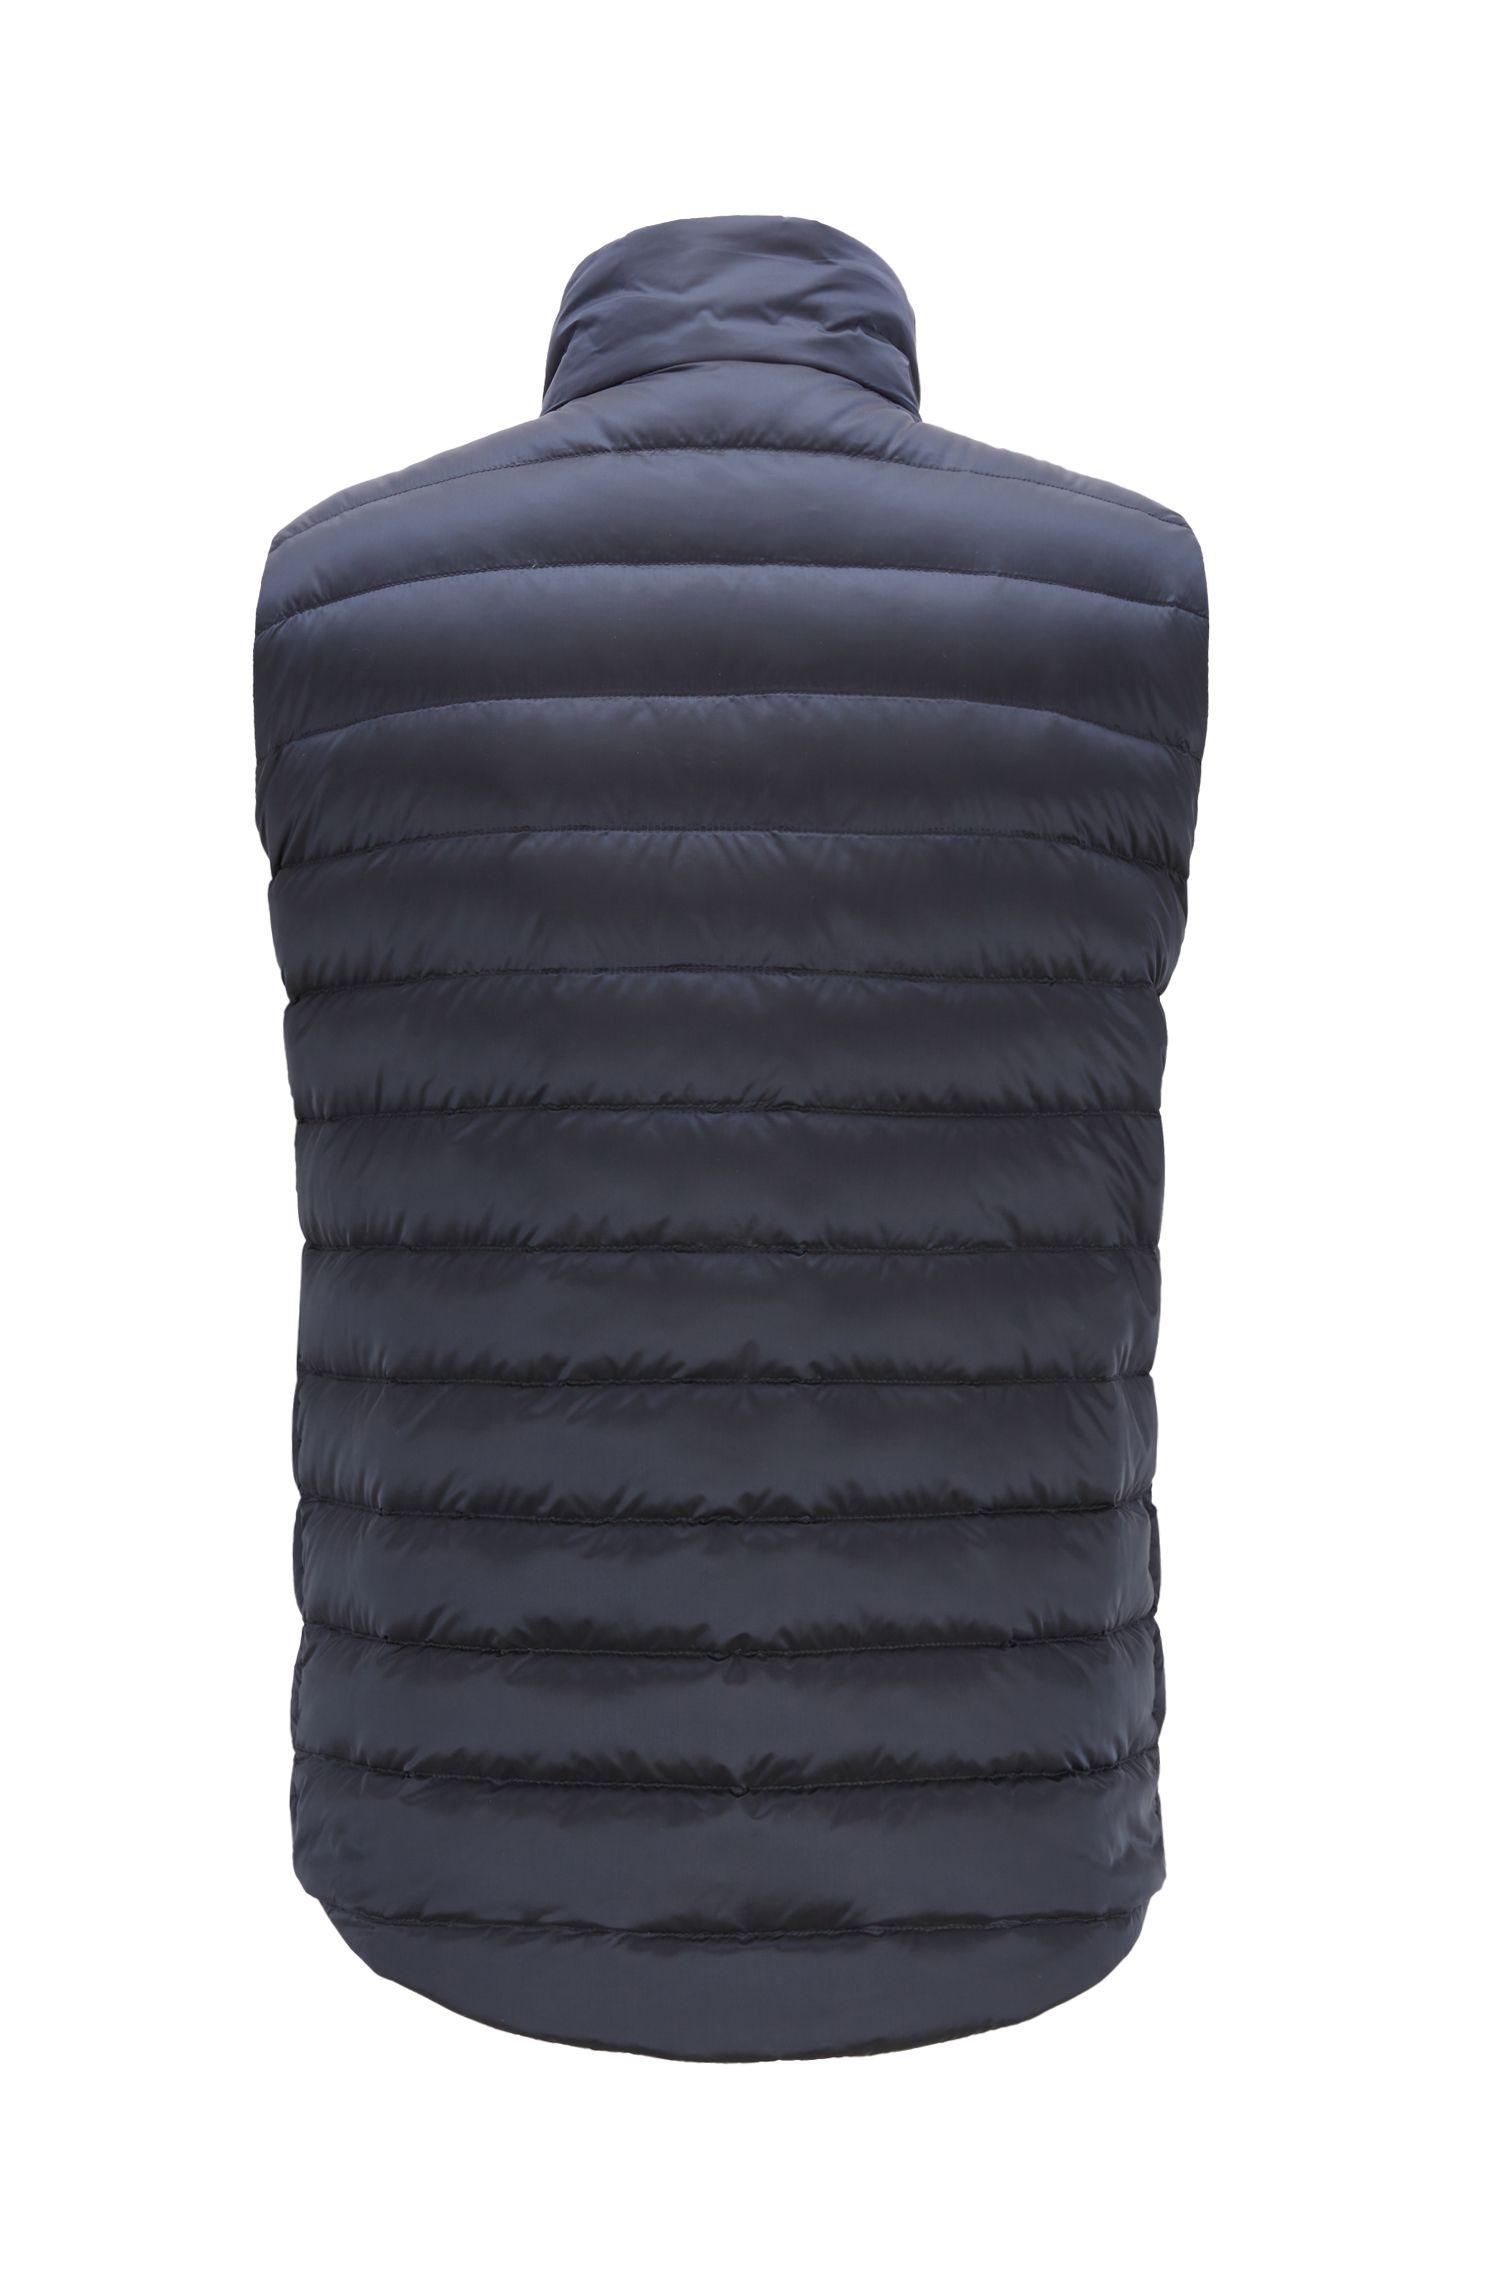 Doudoune sans manches en duvet avec extérieur imperméable, Bleu foncé